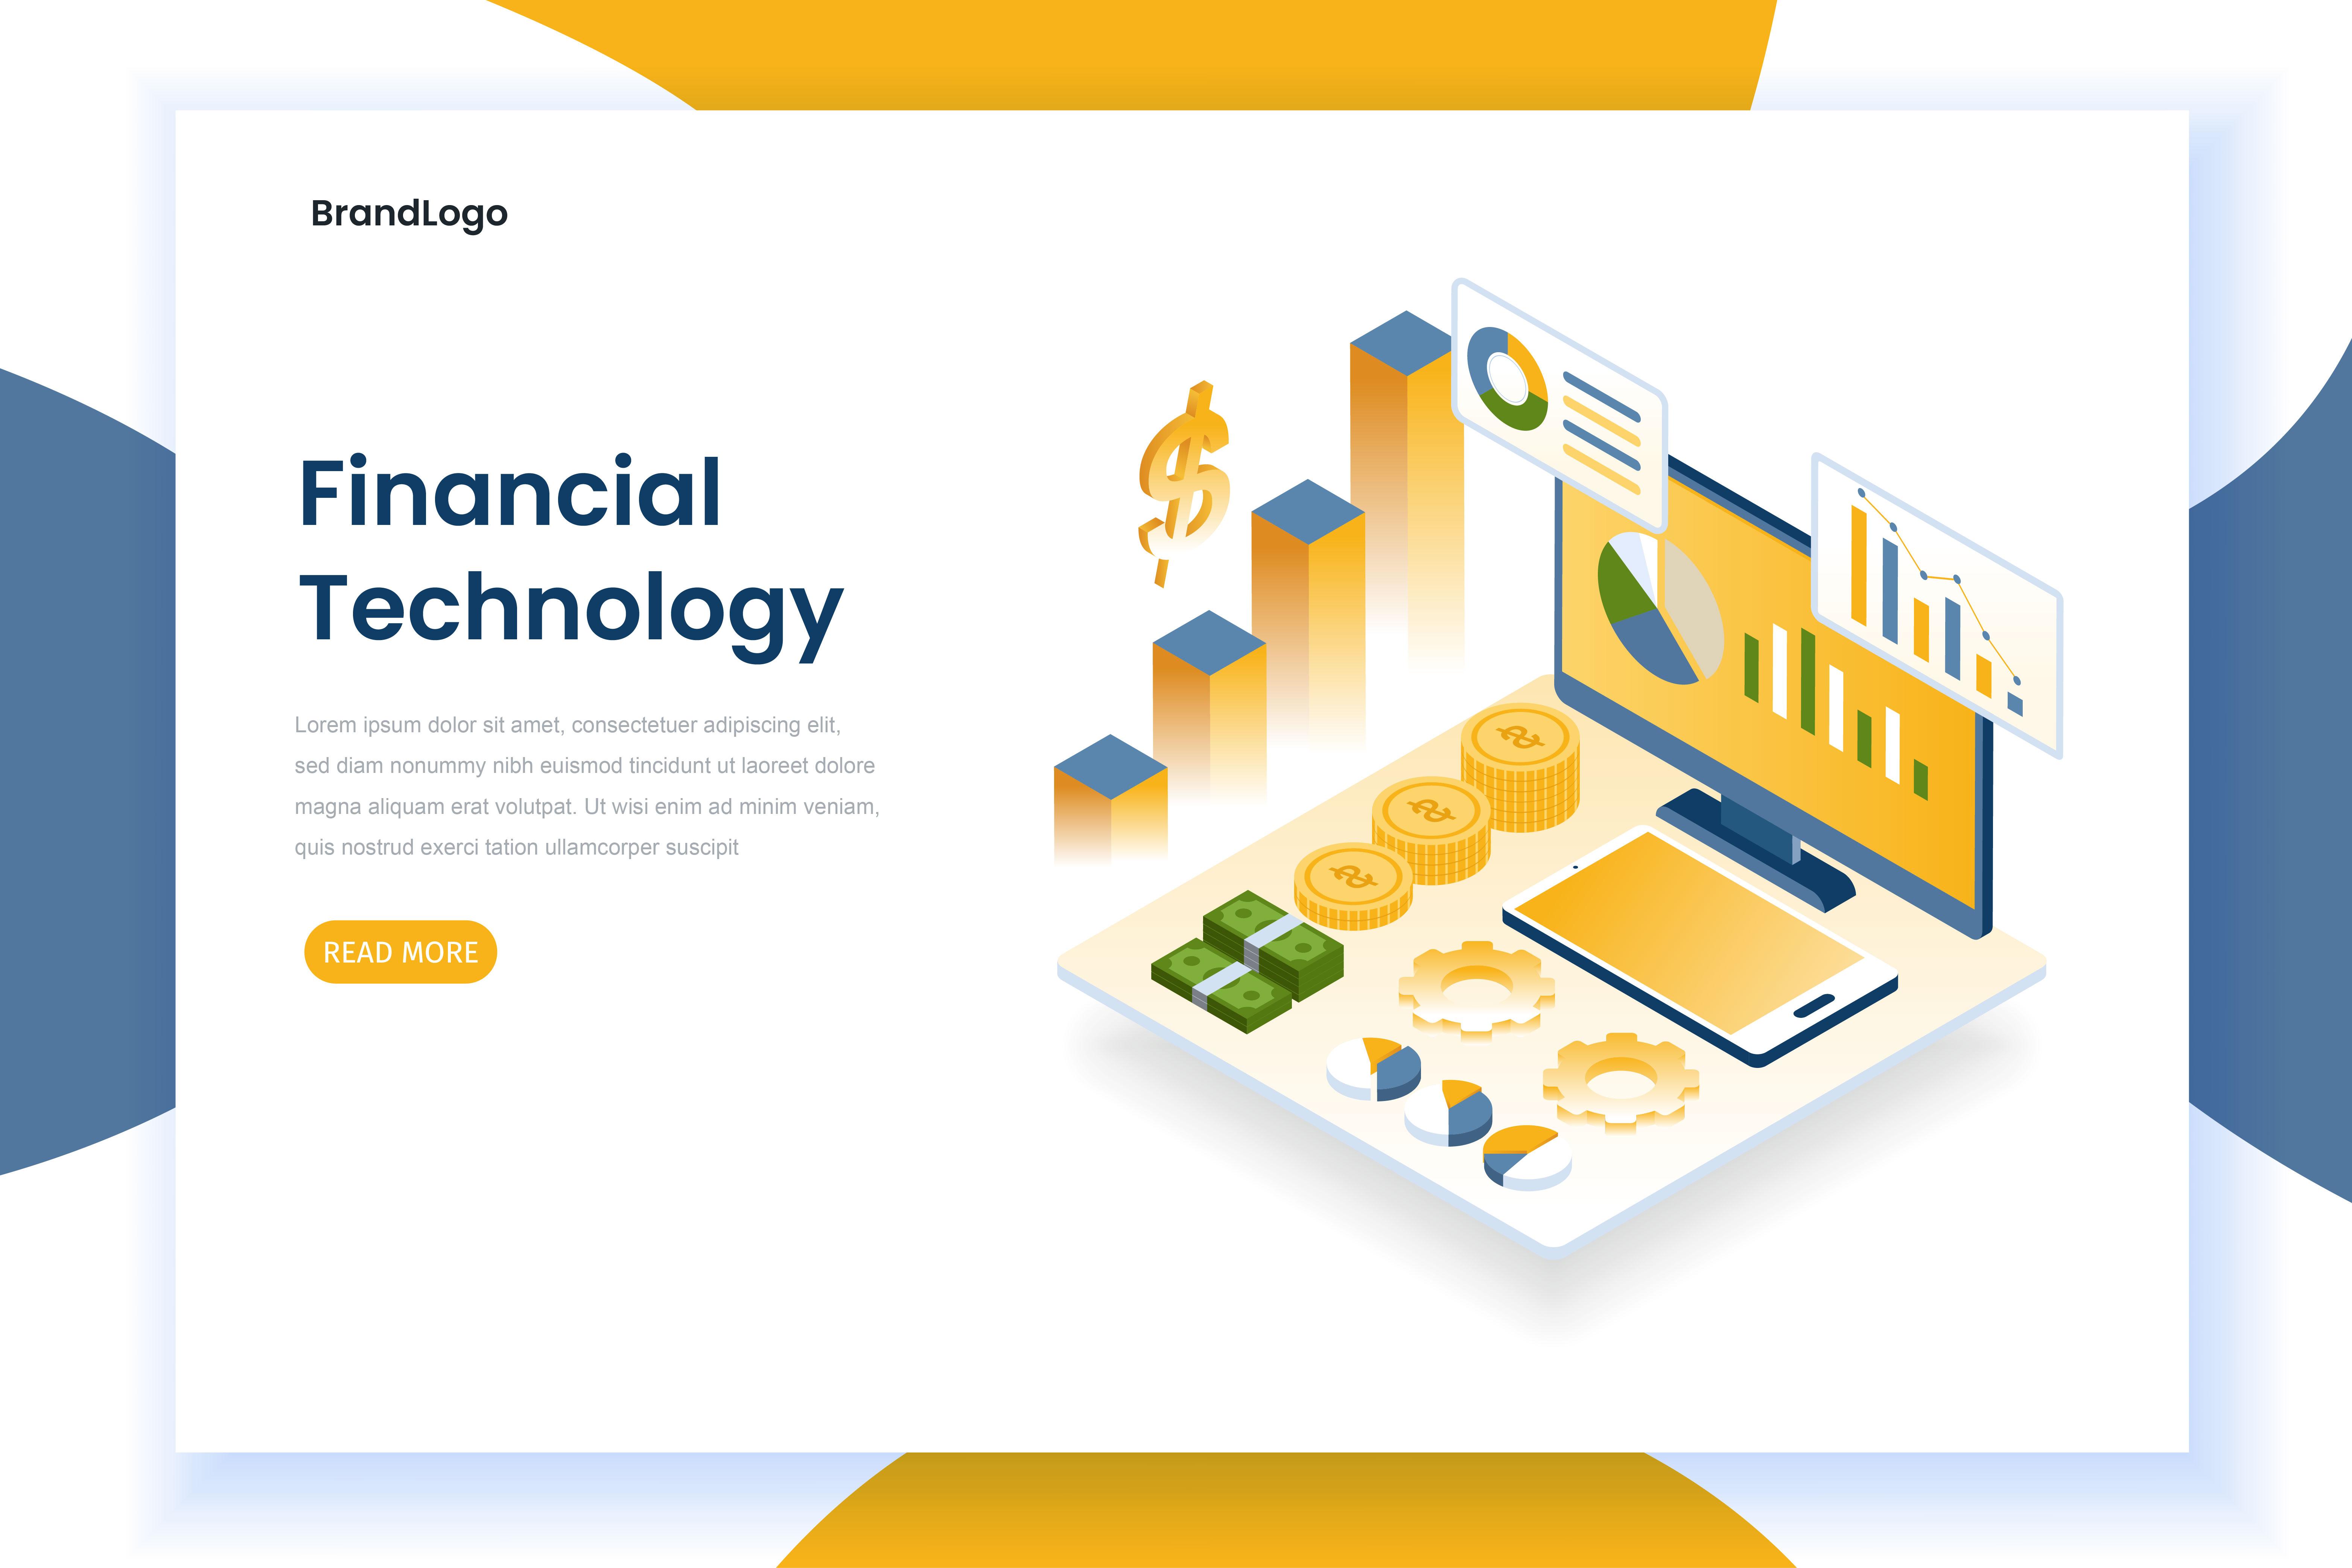 Página de inicio de tecnología financiera con gráficos y monitor.